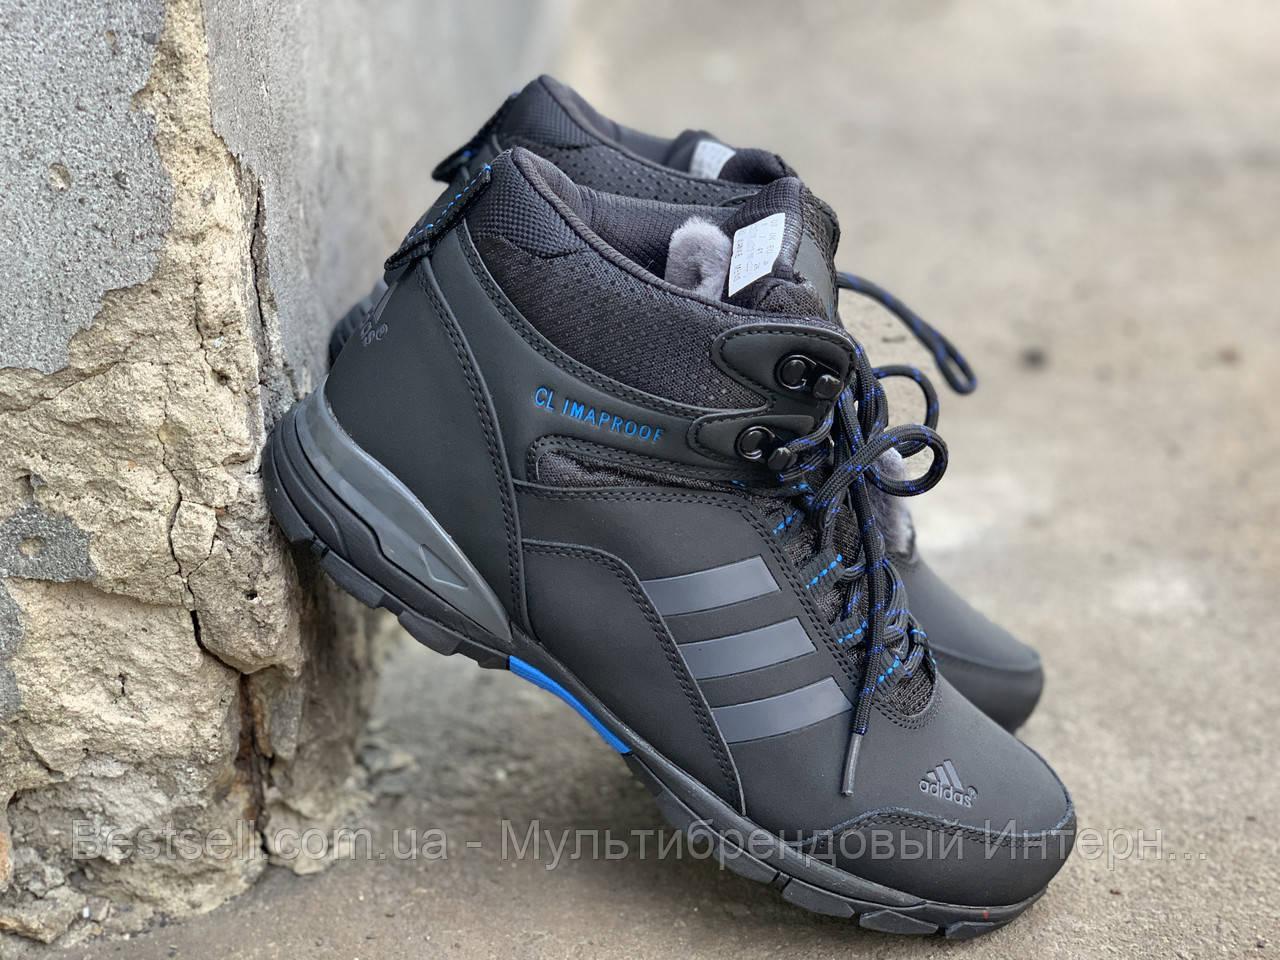 Зимові черевики (на хутрі) Adidas Climaproof 3-030 ⏩ [ 41 останній розмір ]